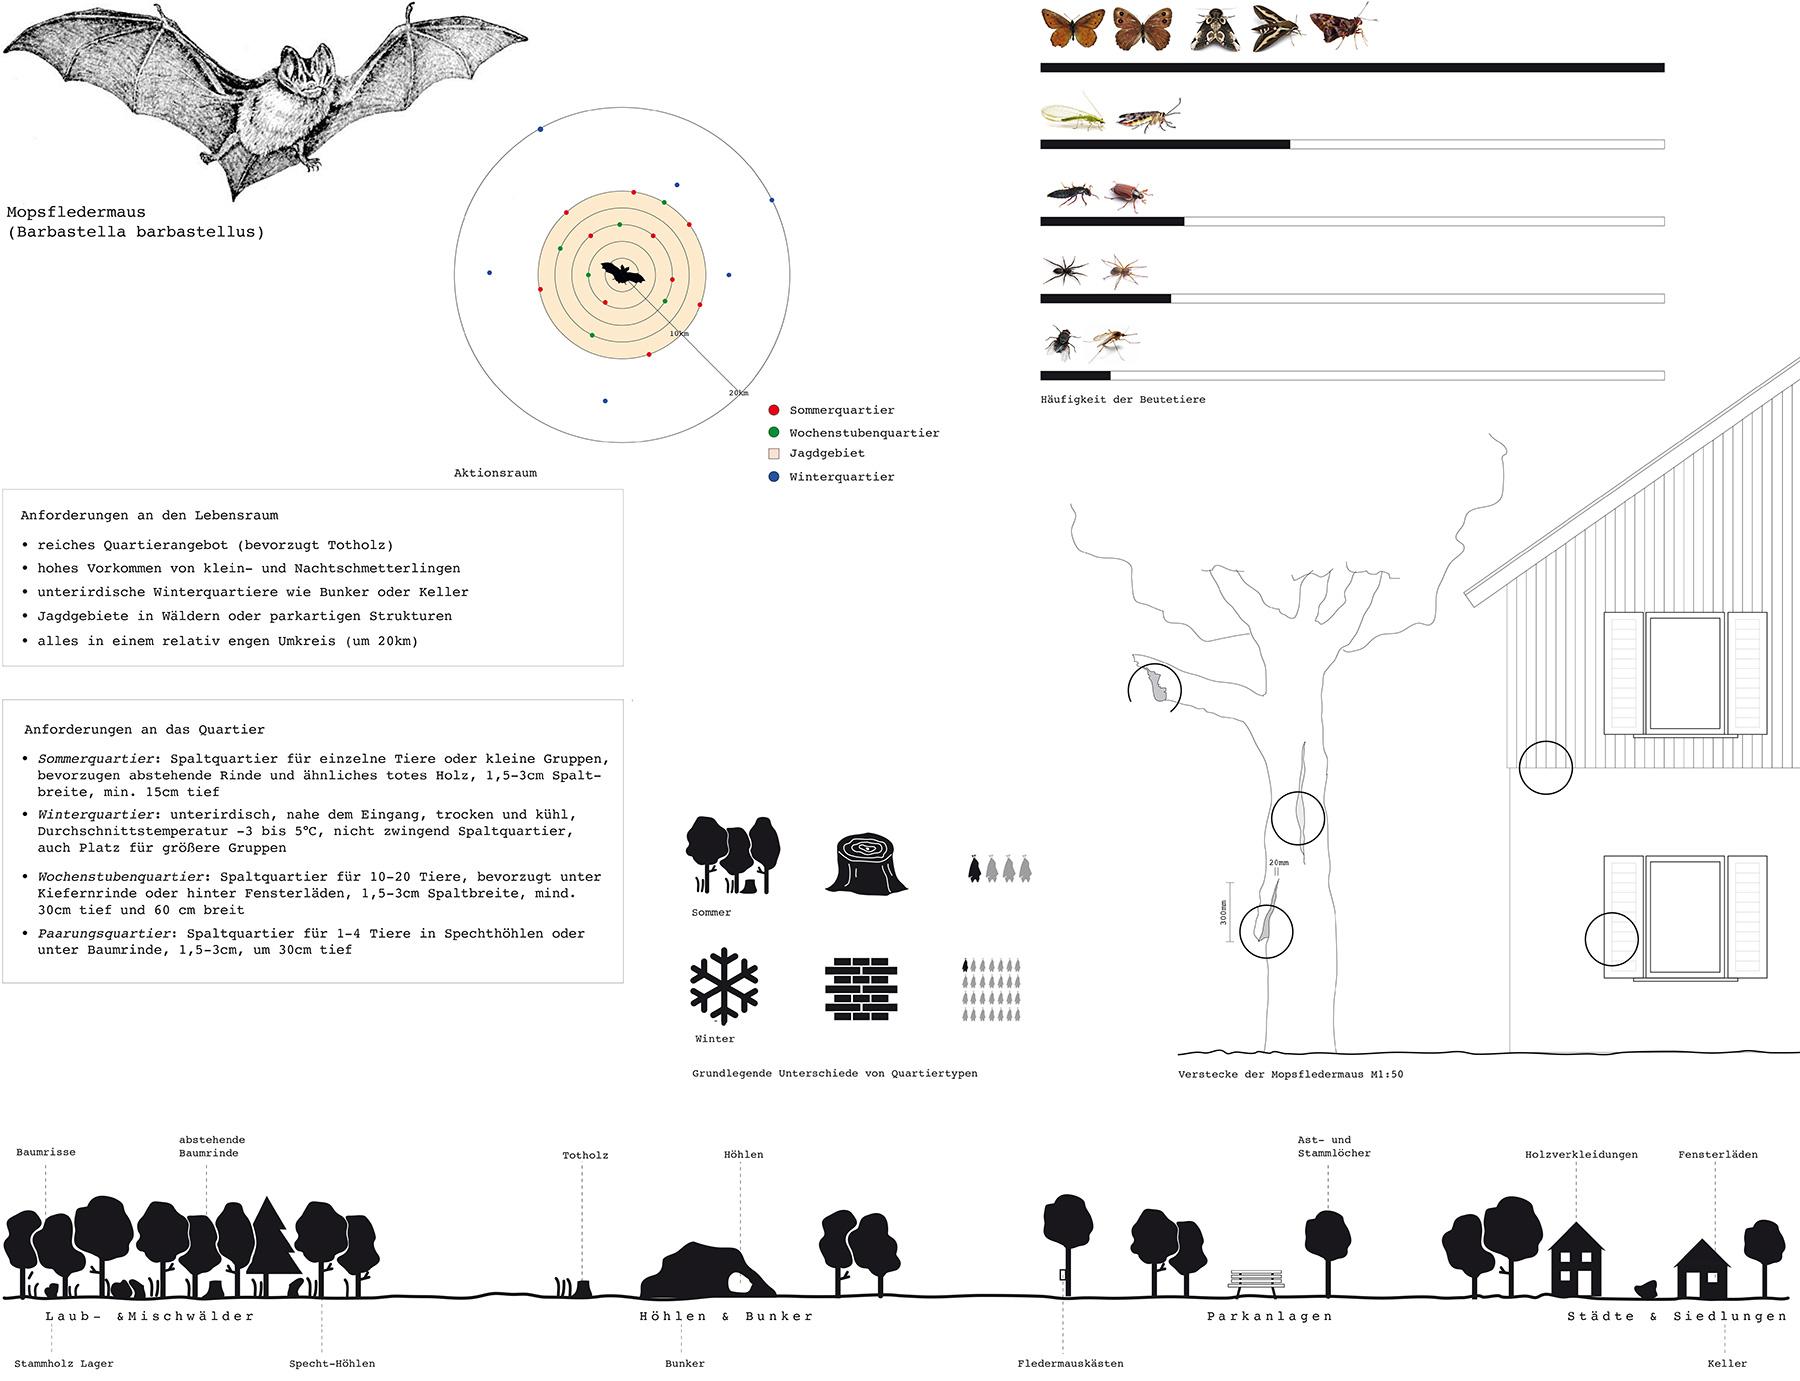 Analysen Bat Sculpture I Mopsfledermaus Barbastella barbastellus I Zeichnung Britta Biehn